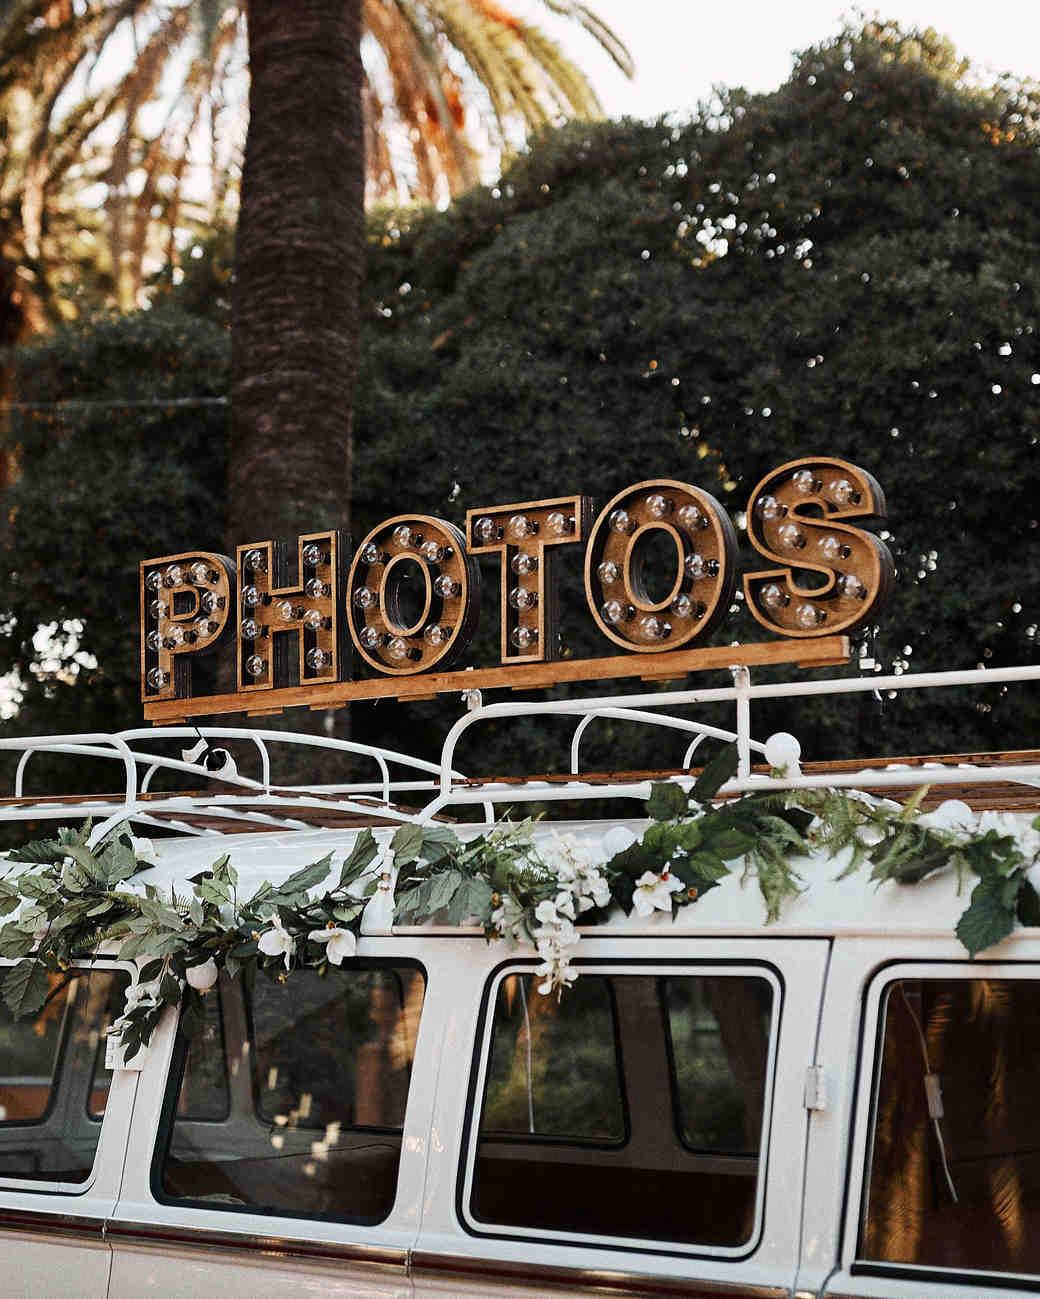 karolina sorab wedding photo booth van